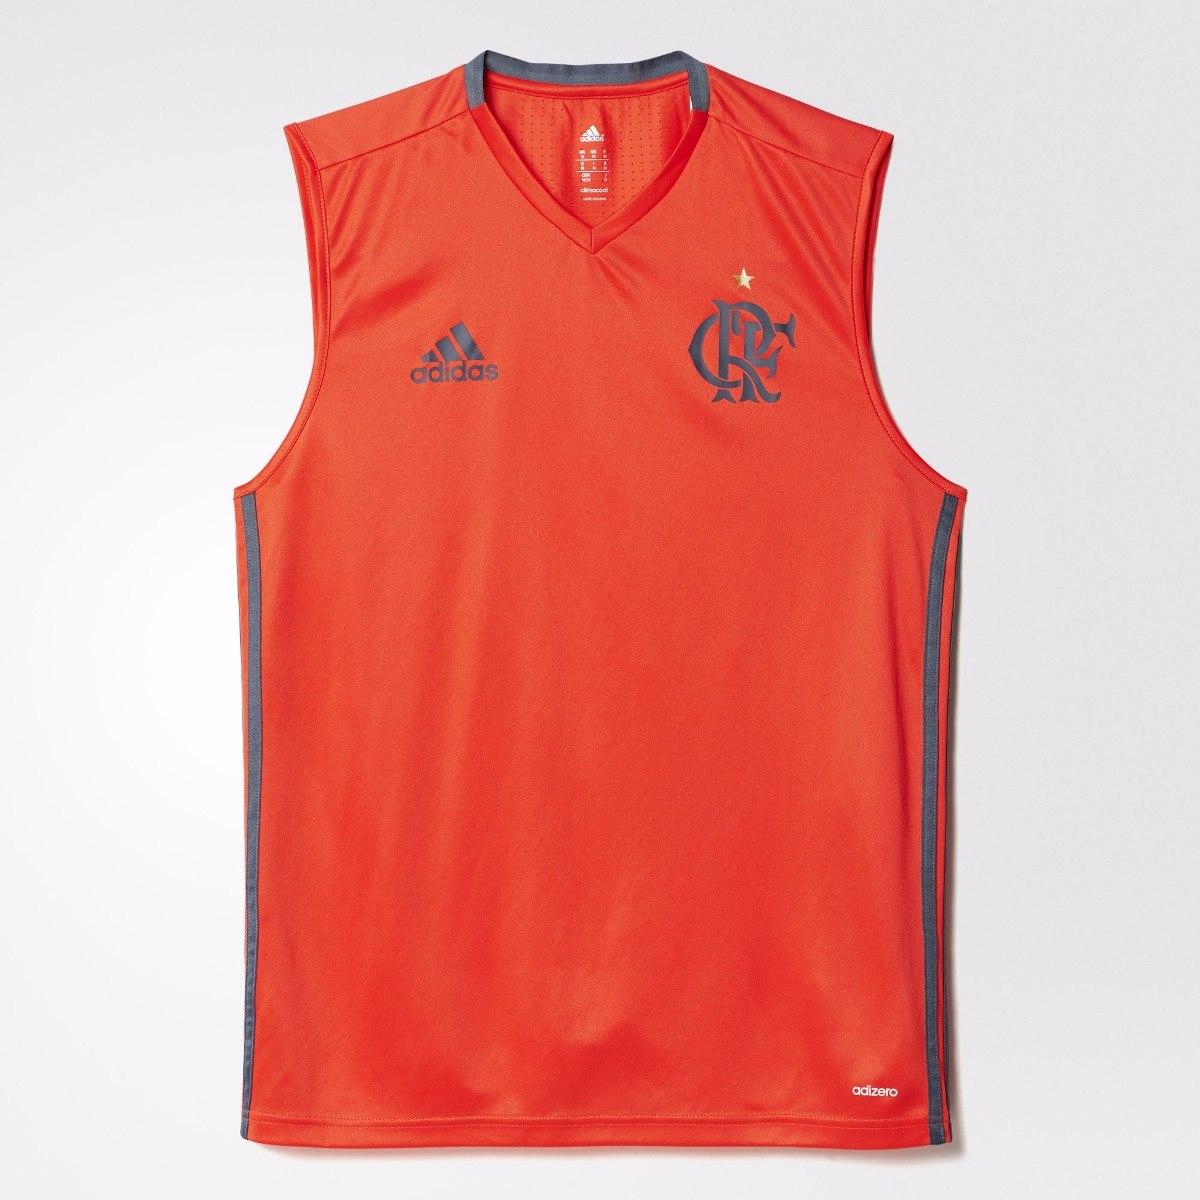 camisa treino flamengo adidas. Carregando zoom. ff8b701589087